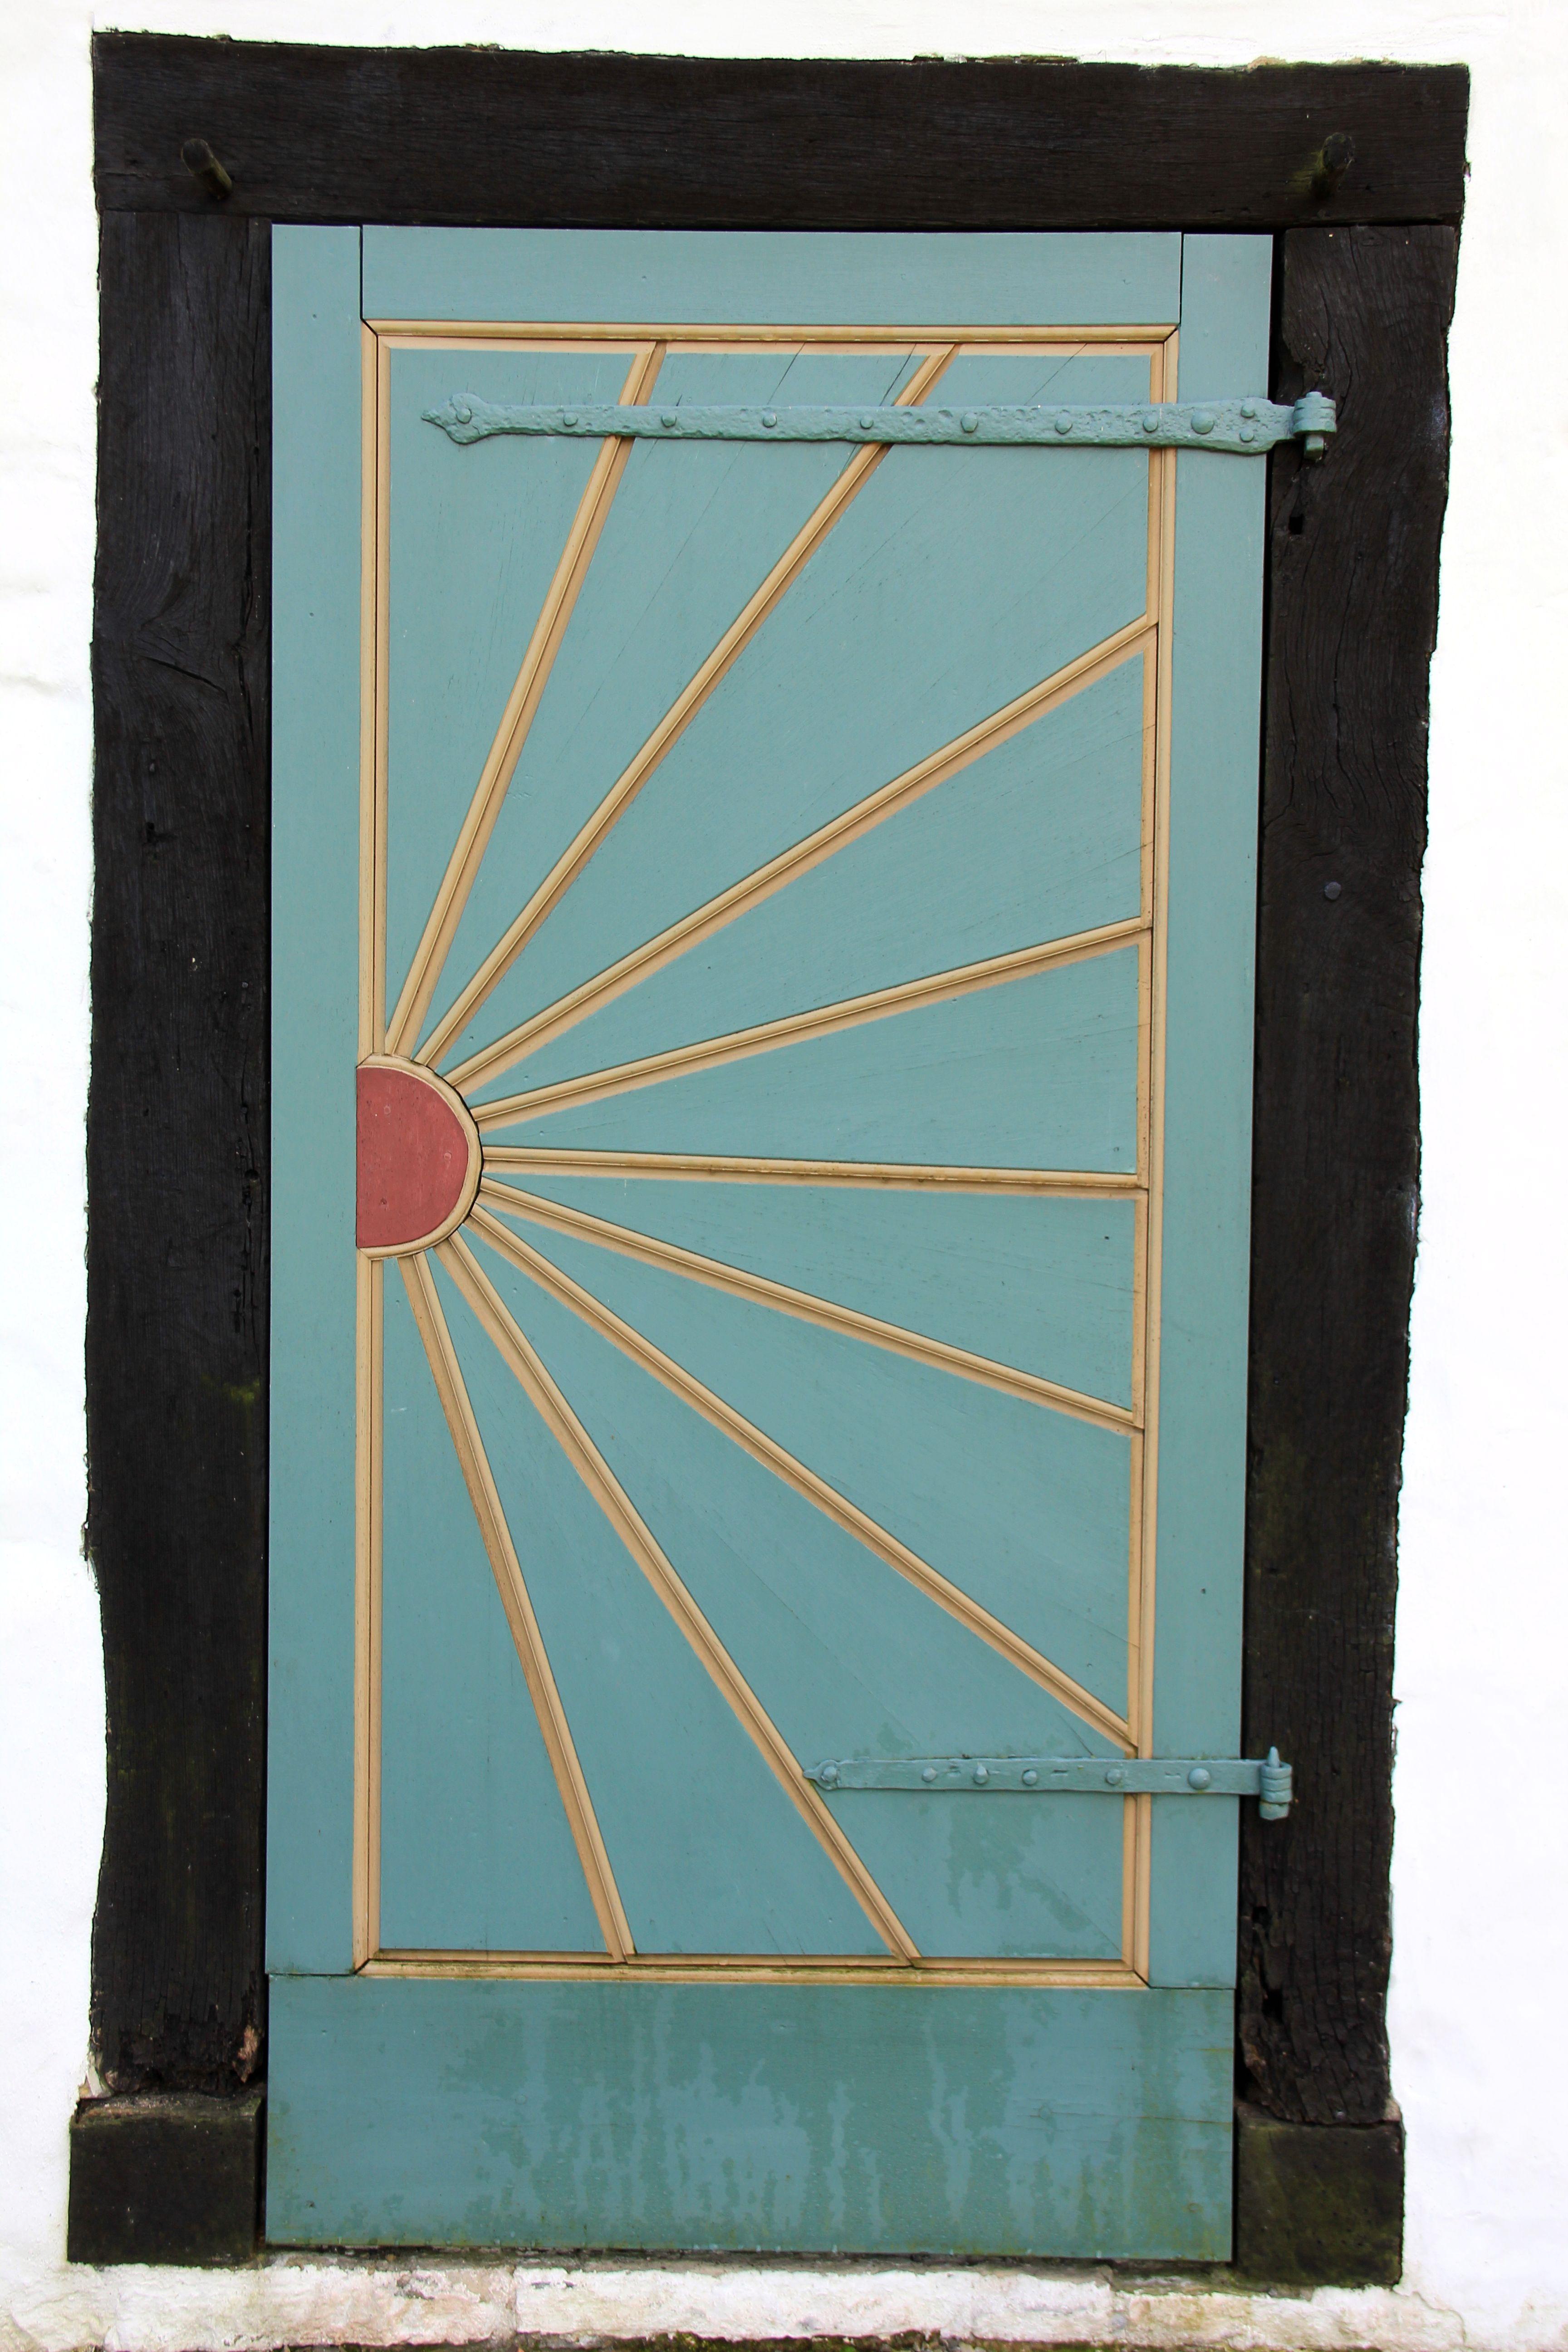 Kostenlose foto : Holz, Sonne, Fenster, Glas, Gebäude, Bogen, blau ...